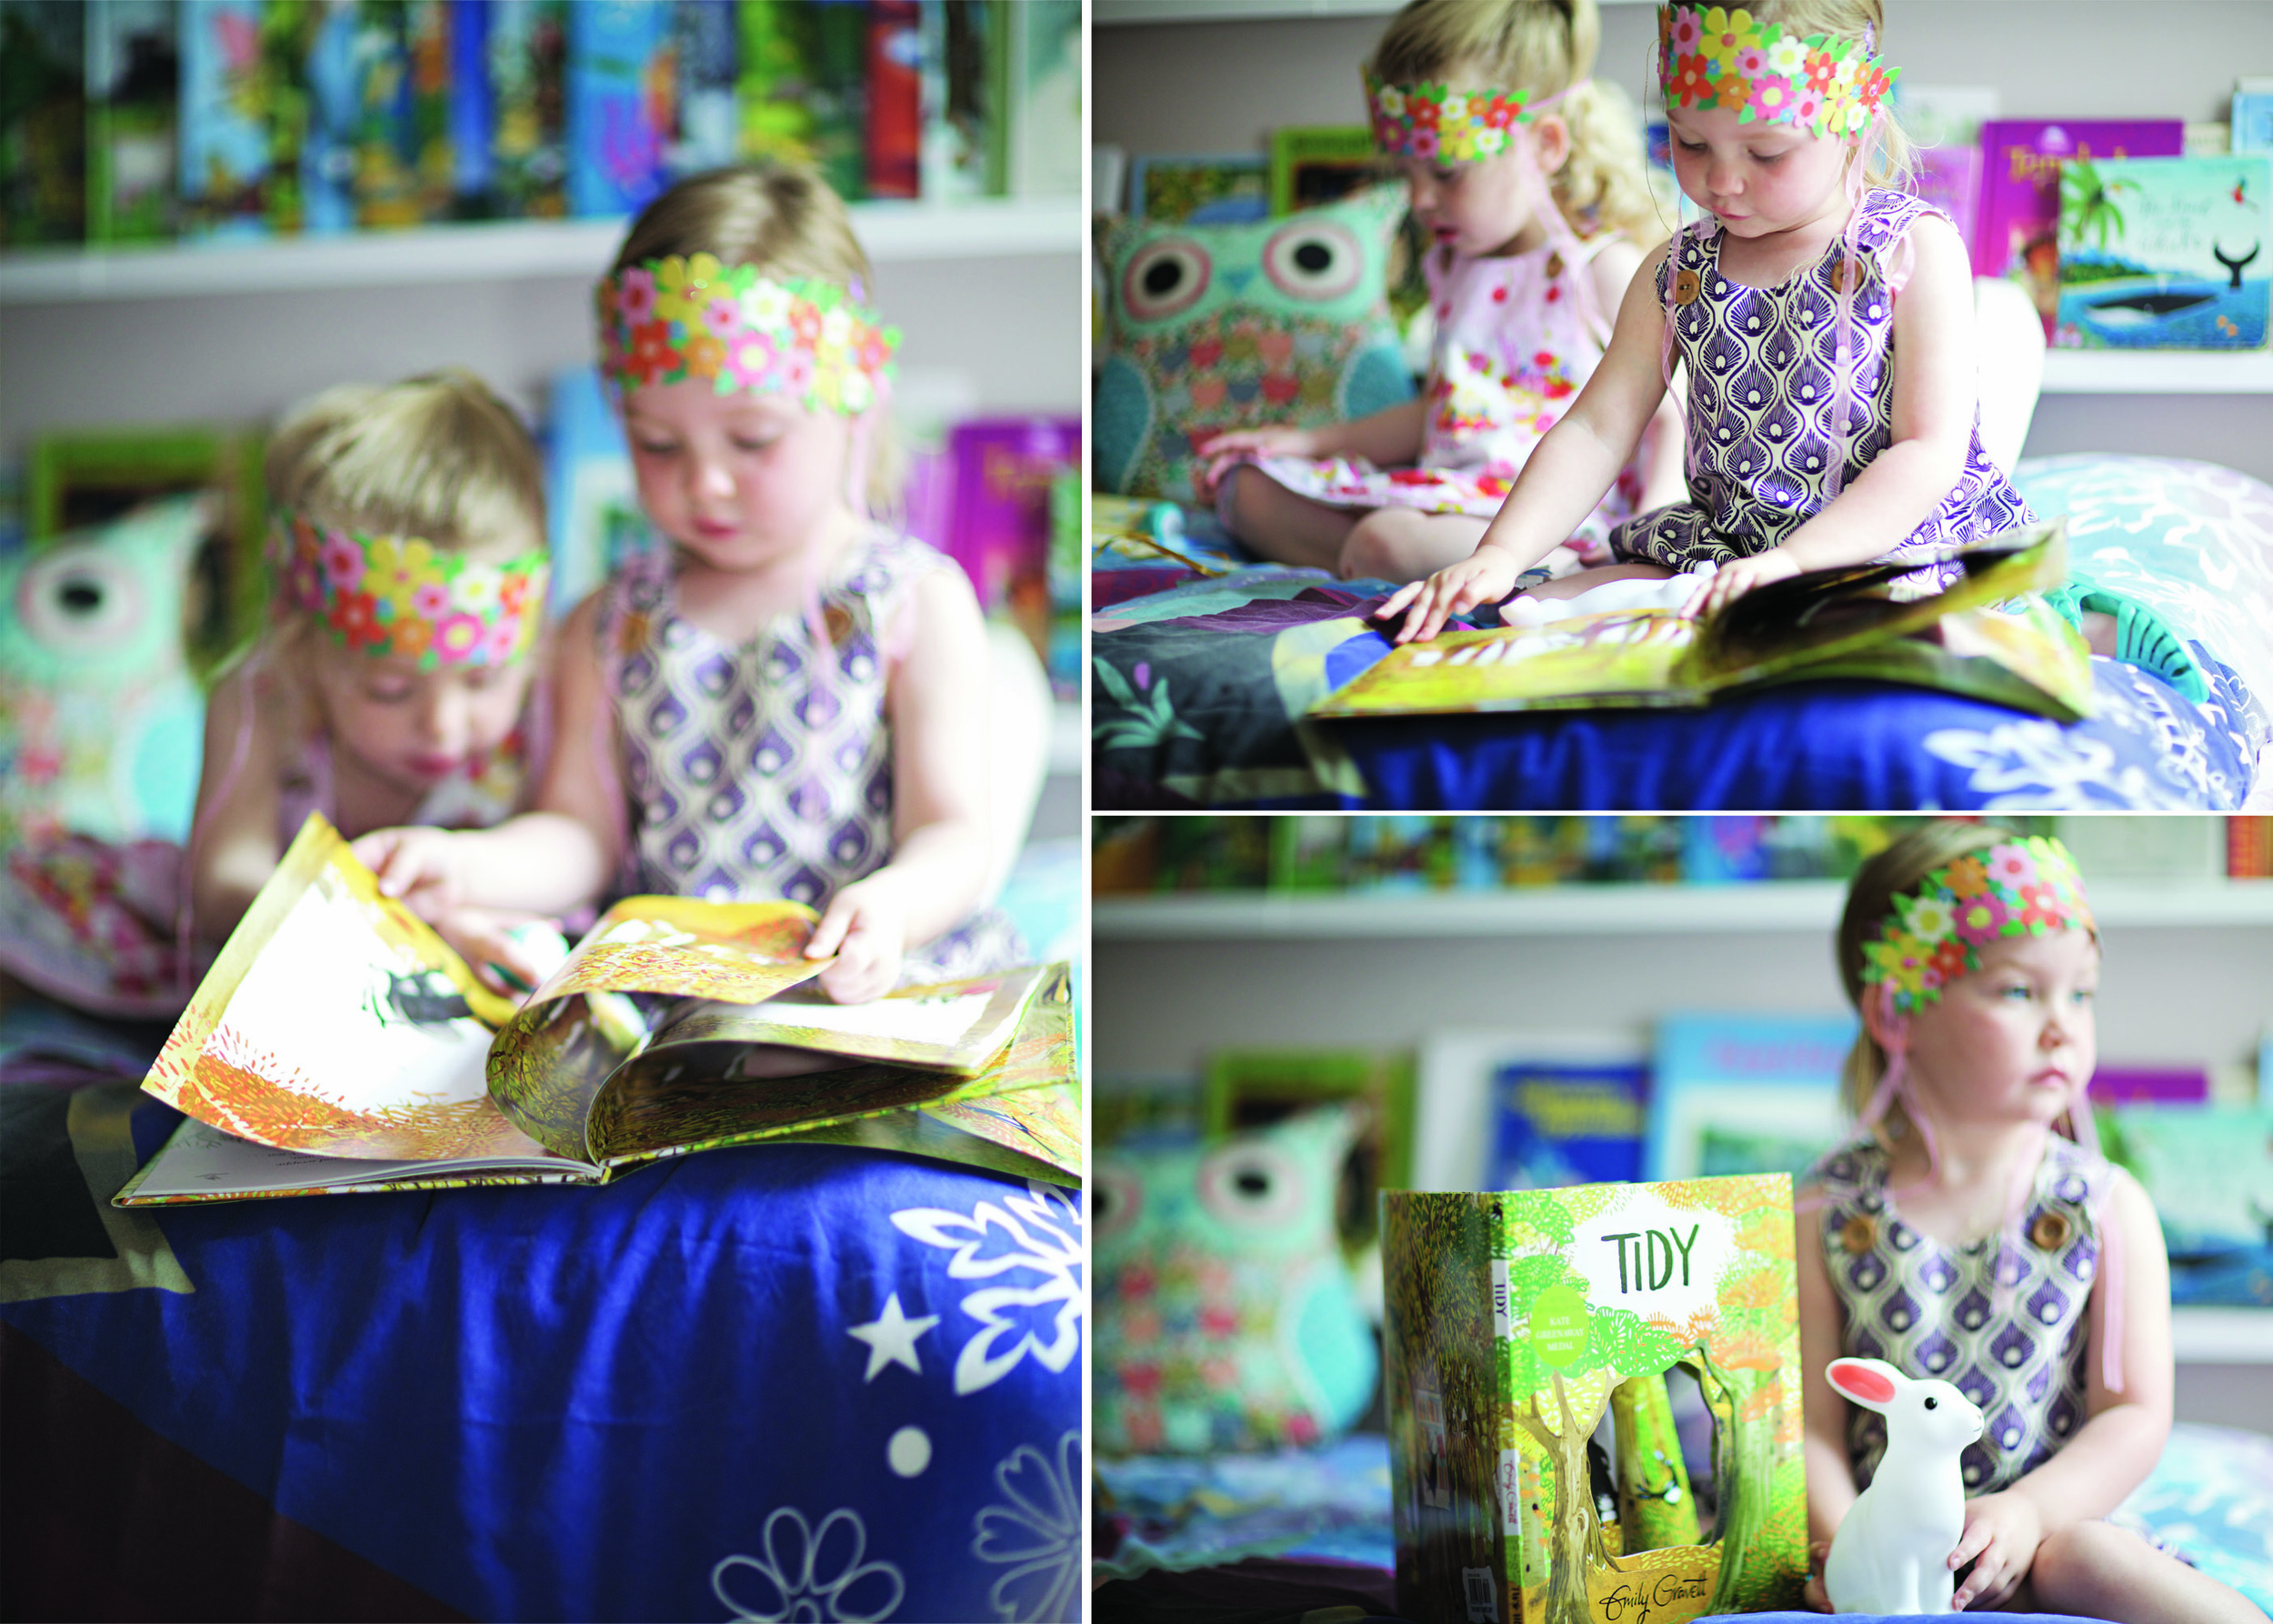 BOOK:  'TIDY' by EMILY GRAVETT £12.99 //   DRESSE  S:  £25.00  //   HEADDRESSES:  £8.99 per pack  //   BUNNY LAMP:  £6.50